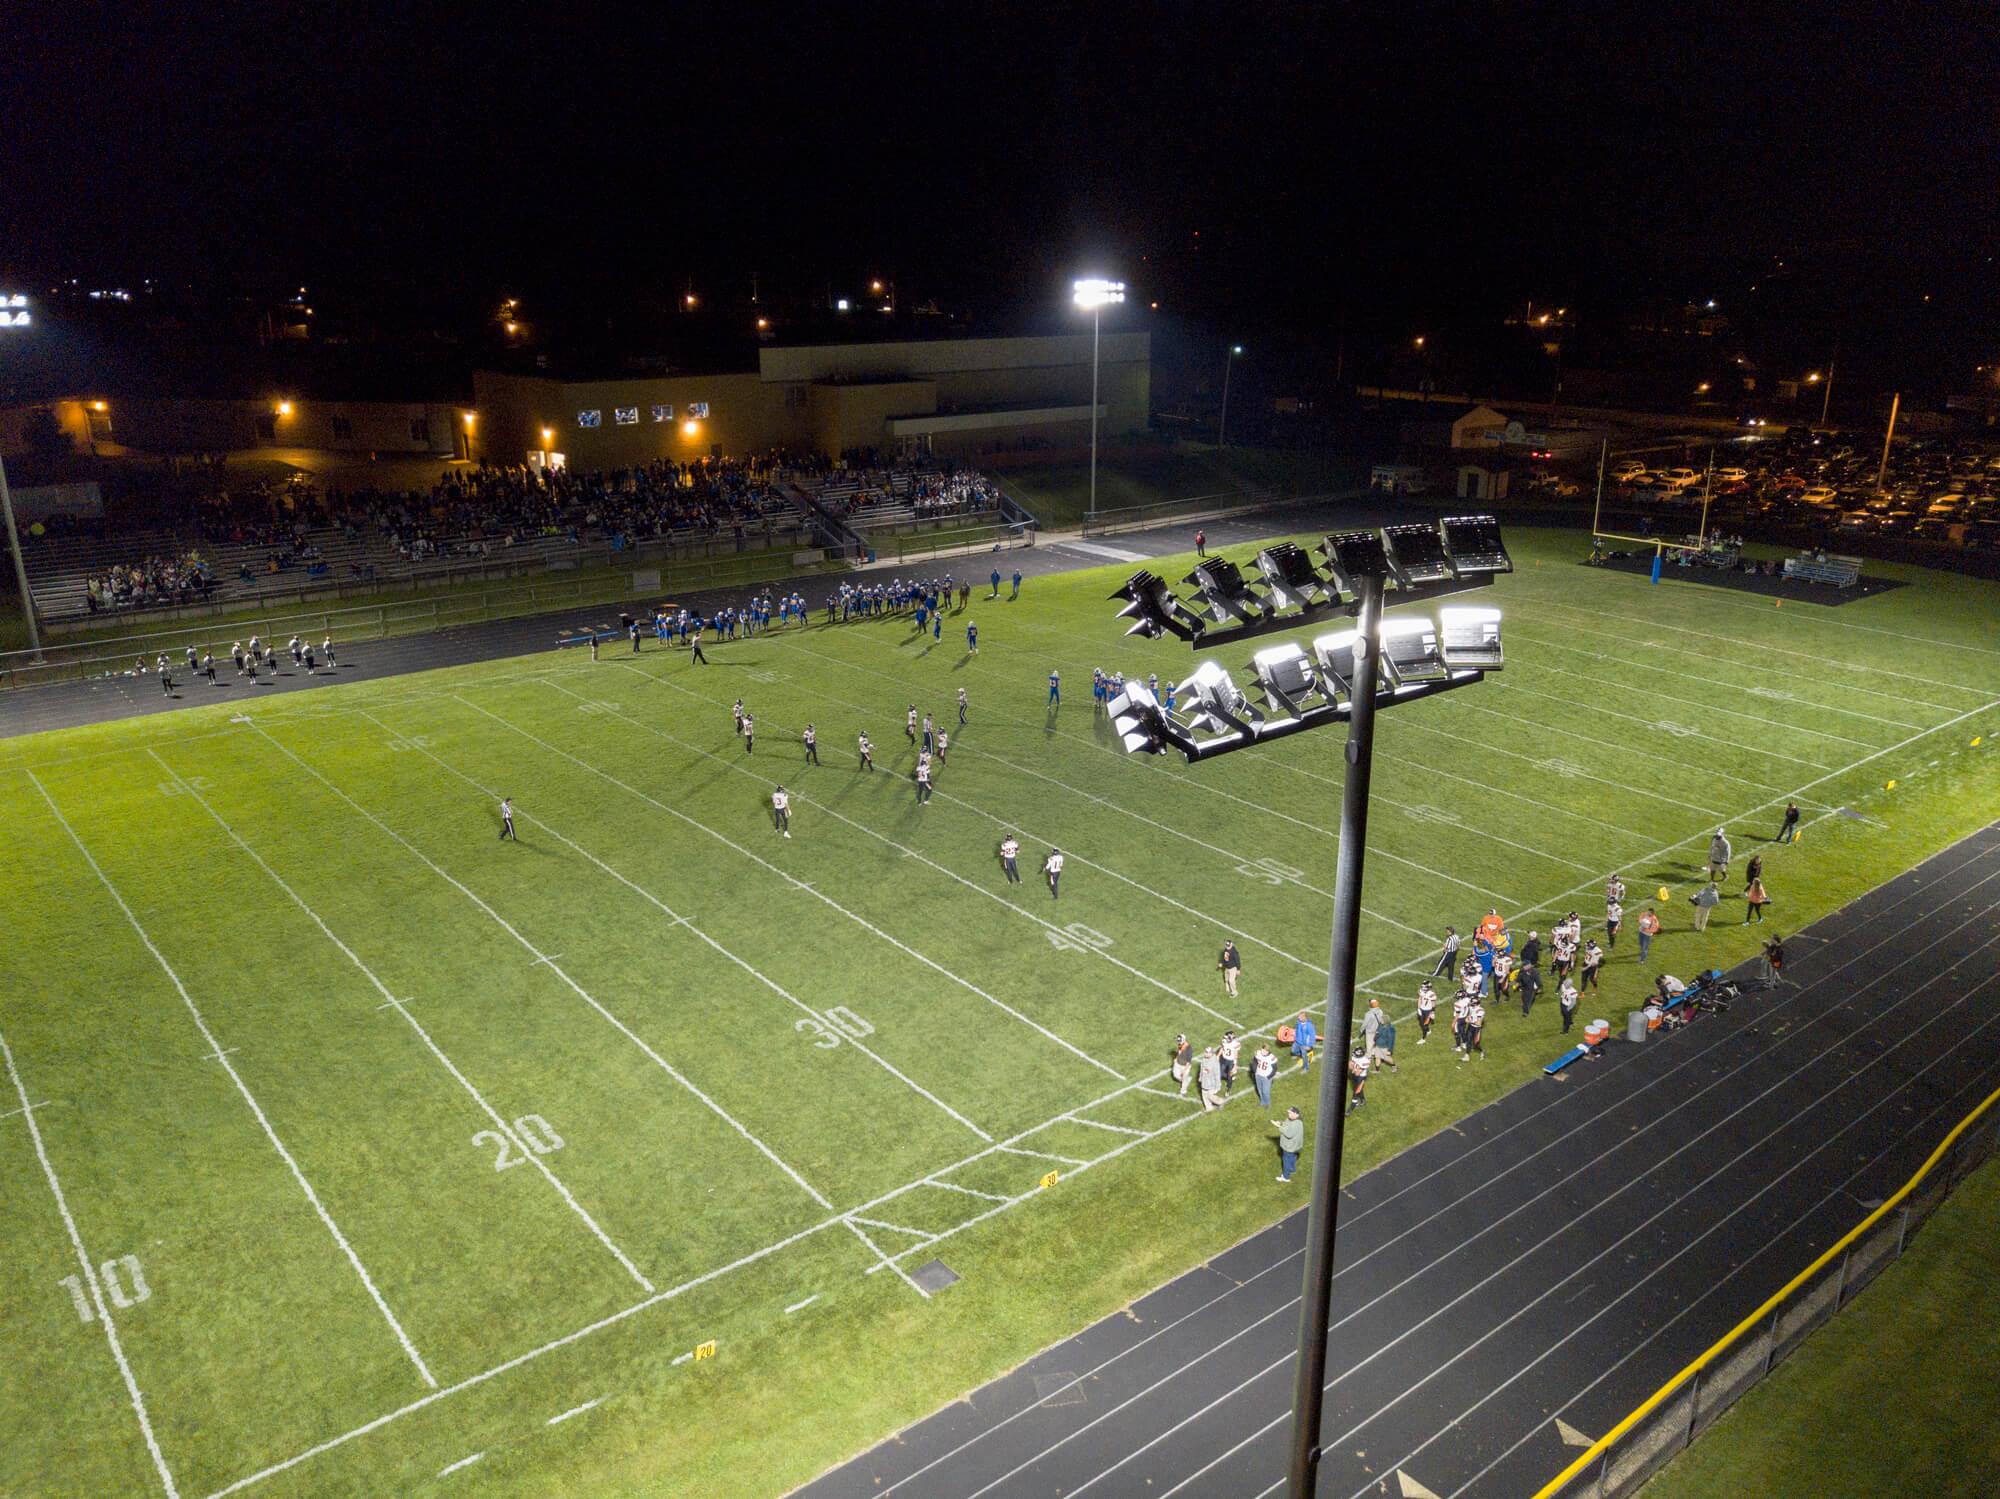 campbellsport-high-school-football-field-10.jpg